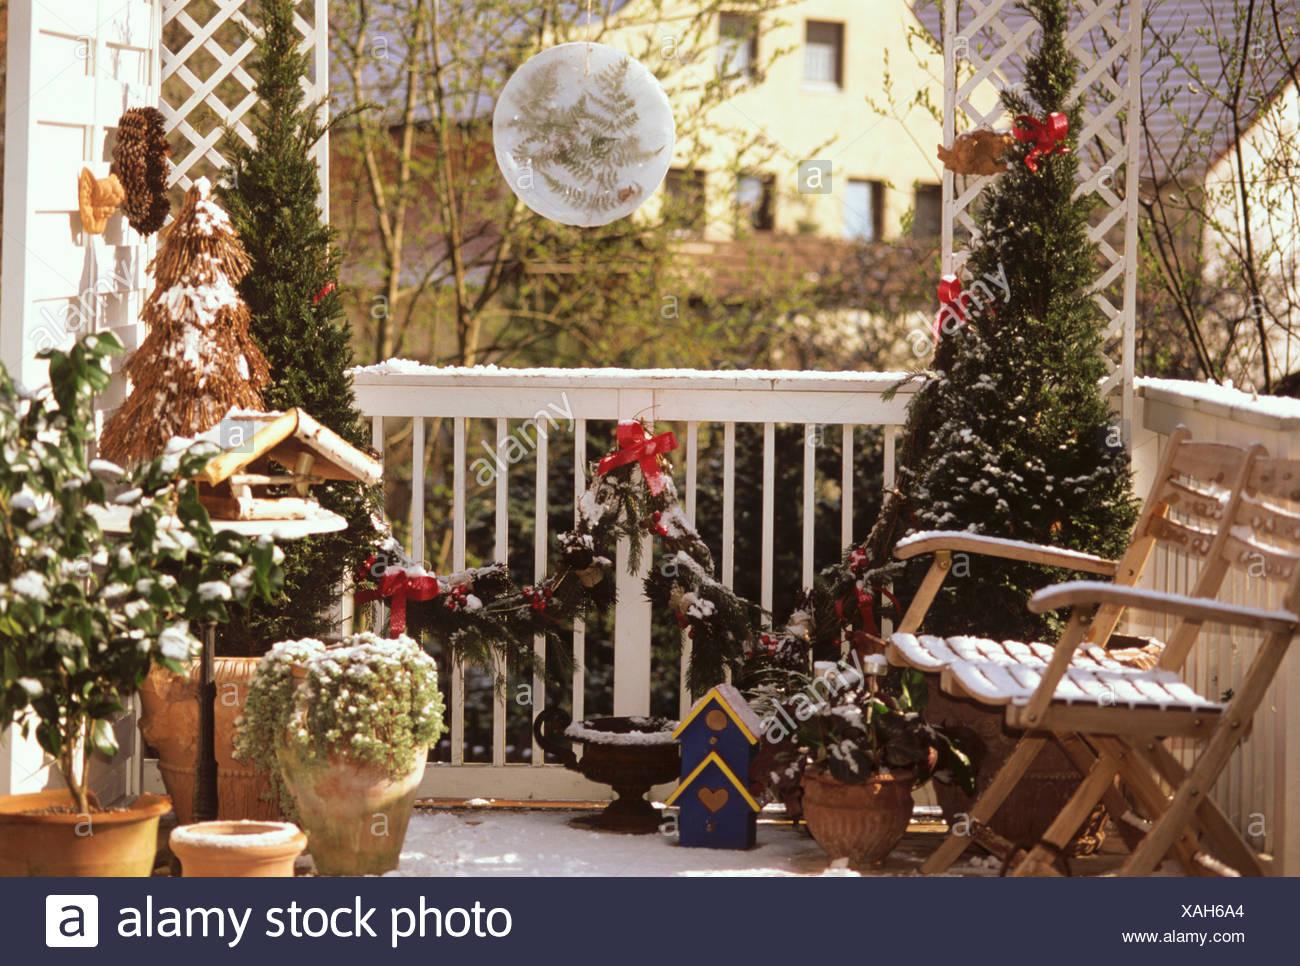 Balcon Decorado Para La Navidad Foto Imagen De Stock 281890620